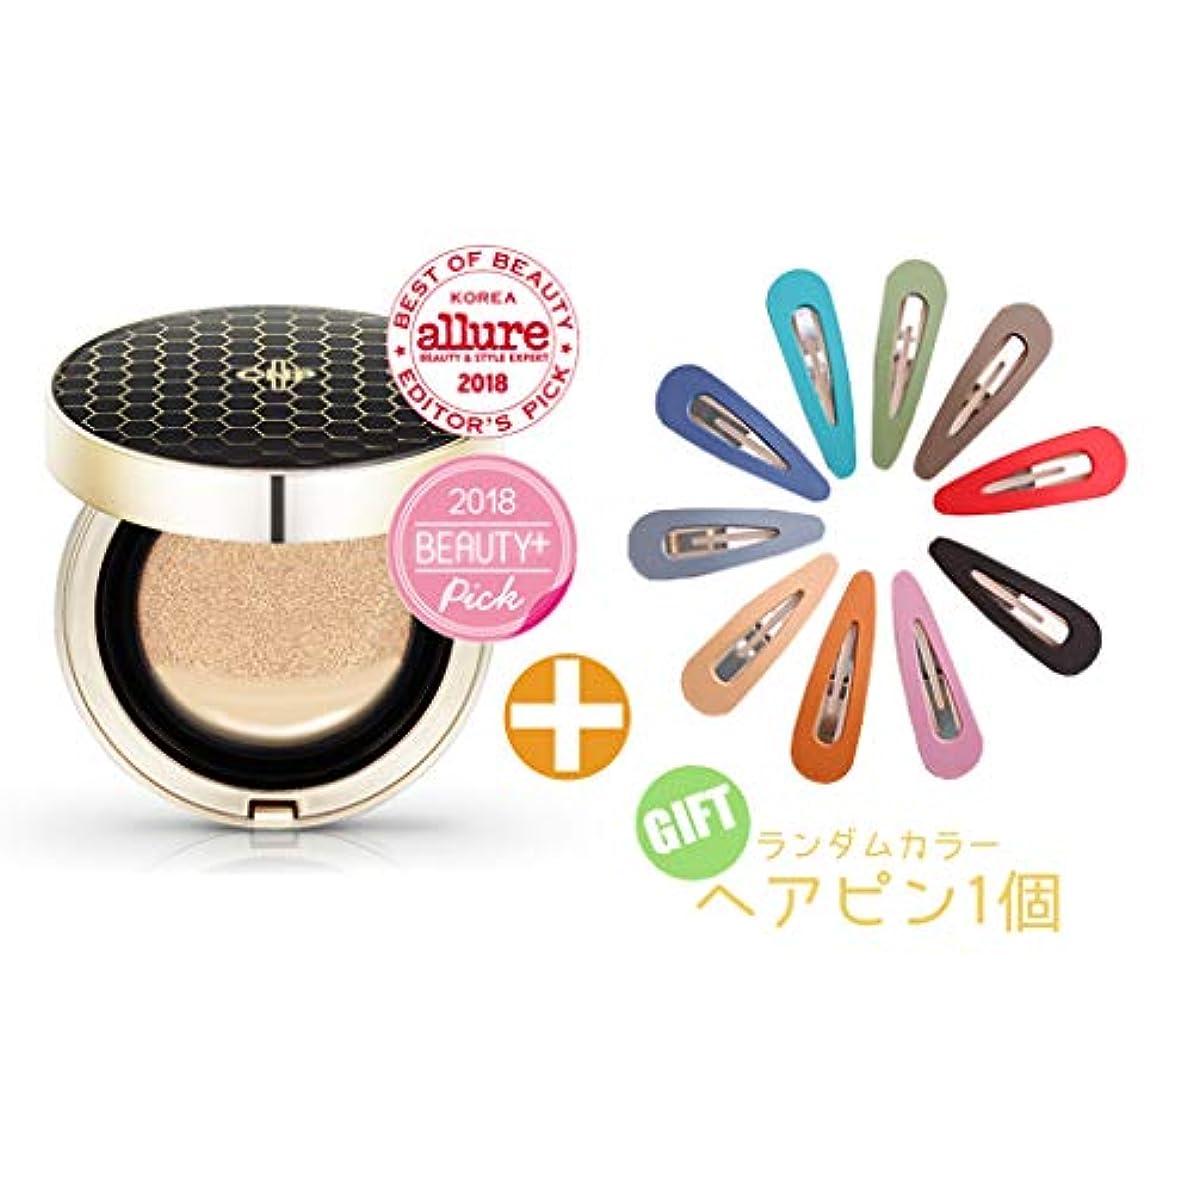 神秘的な手首毎週【CNP】プロポリスアンプル?イン?クッション本品+リフィルセット韓国コスメ、CNP Propolis Ampule in Cushion + Refill Set Korean Cosmetics (ライトベージュ「21号」)